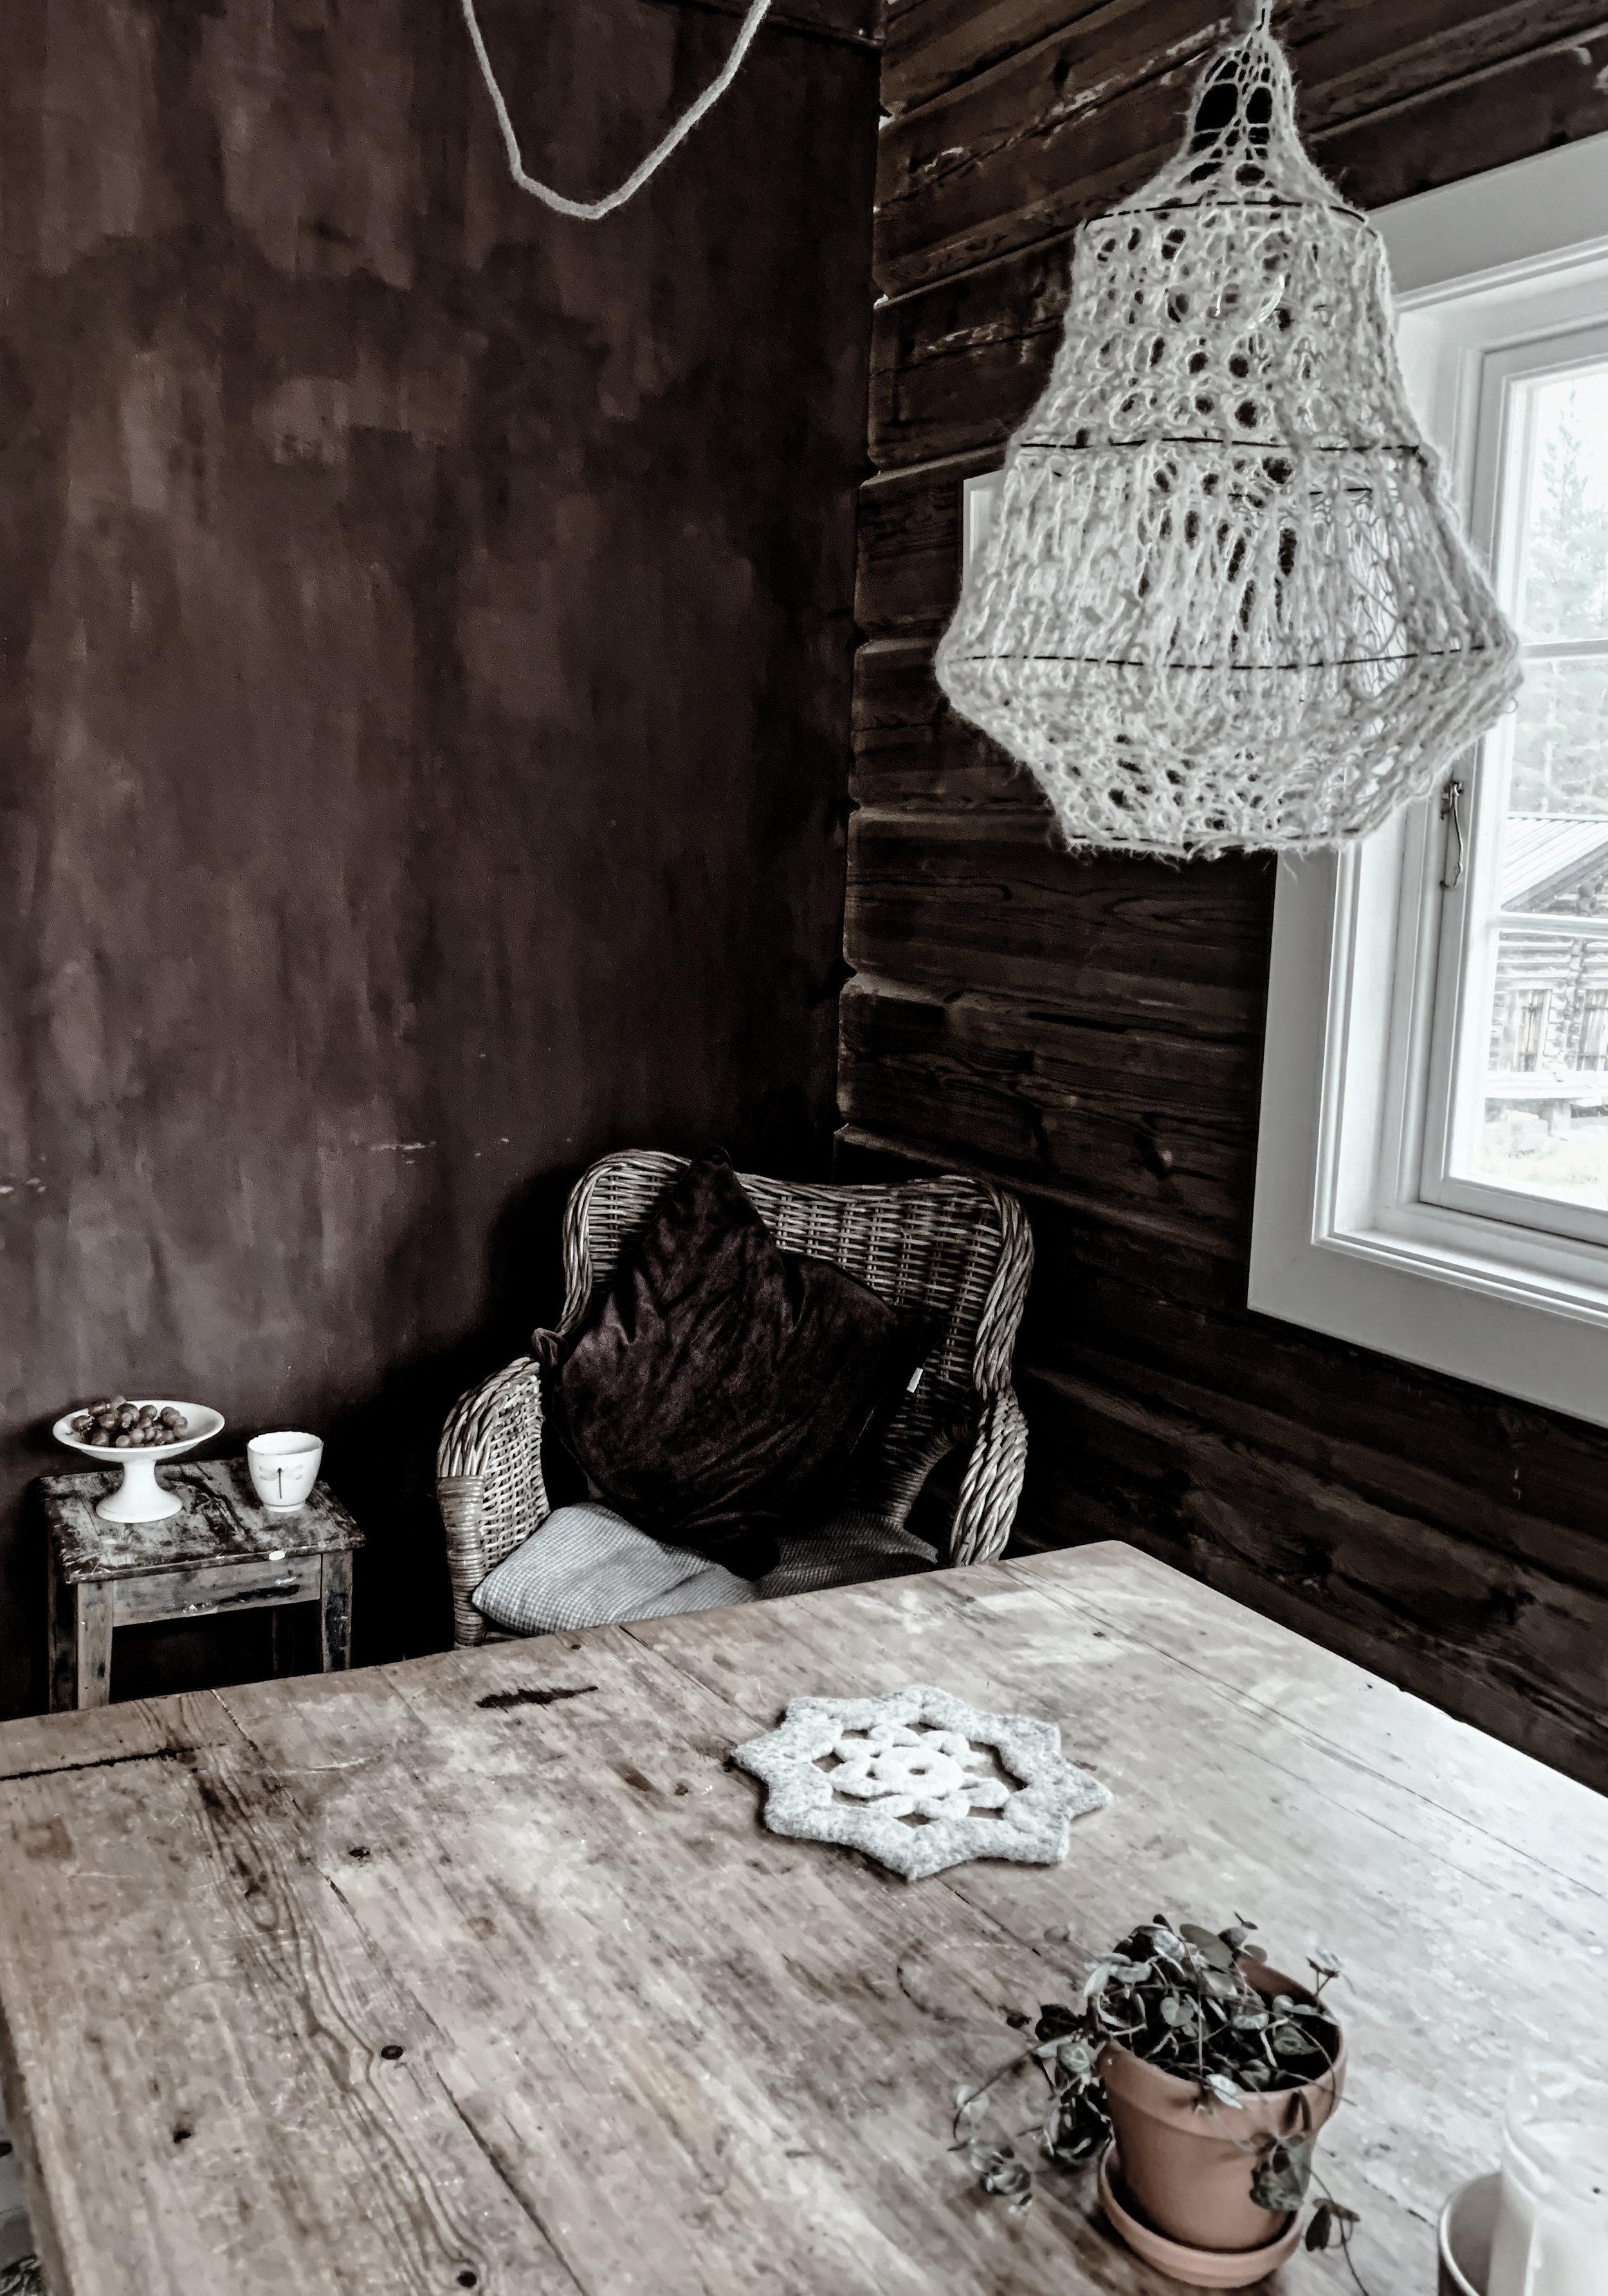 lonin_kjøkkenbord2.jpg